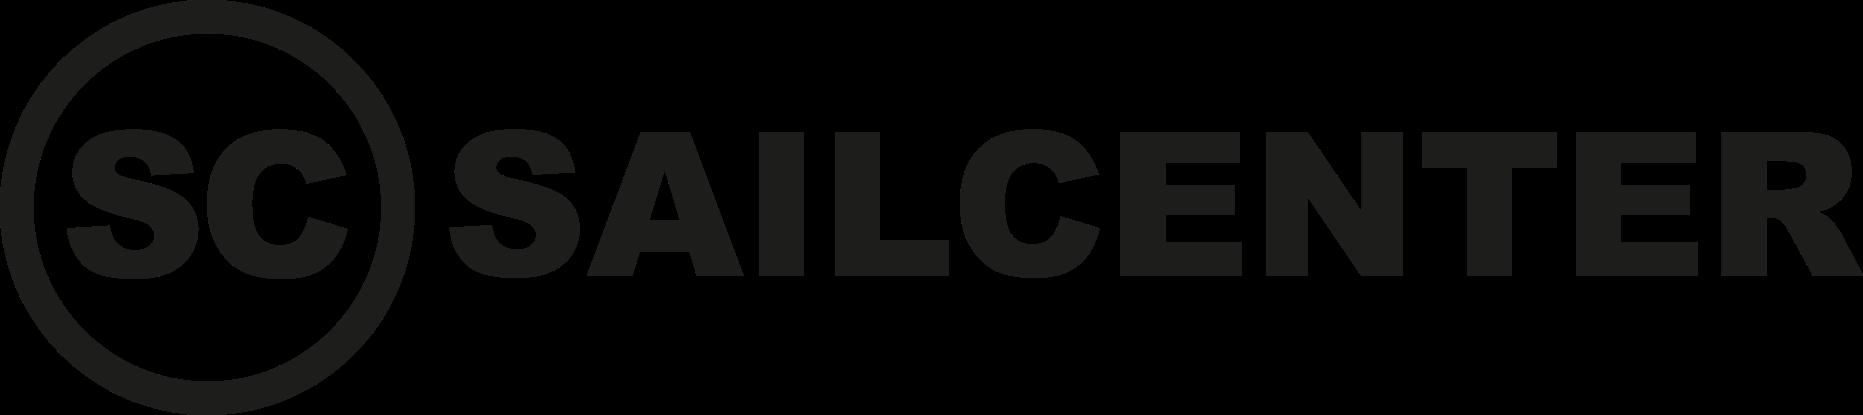 Sailcenter, de gespecialiseerde shop voor open zeilboten en catamarans